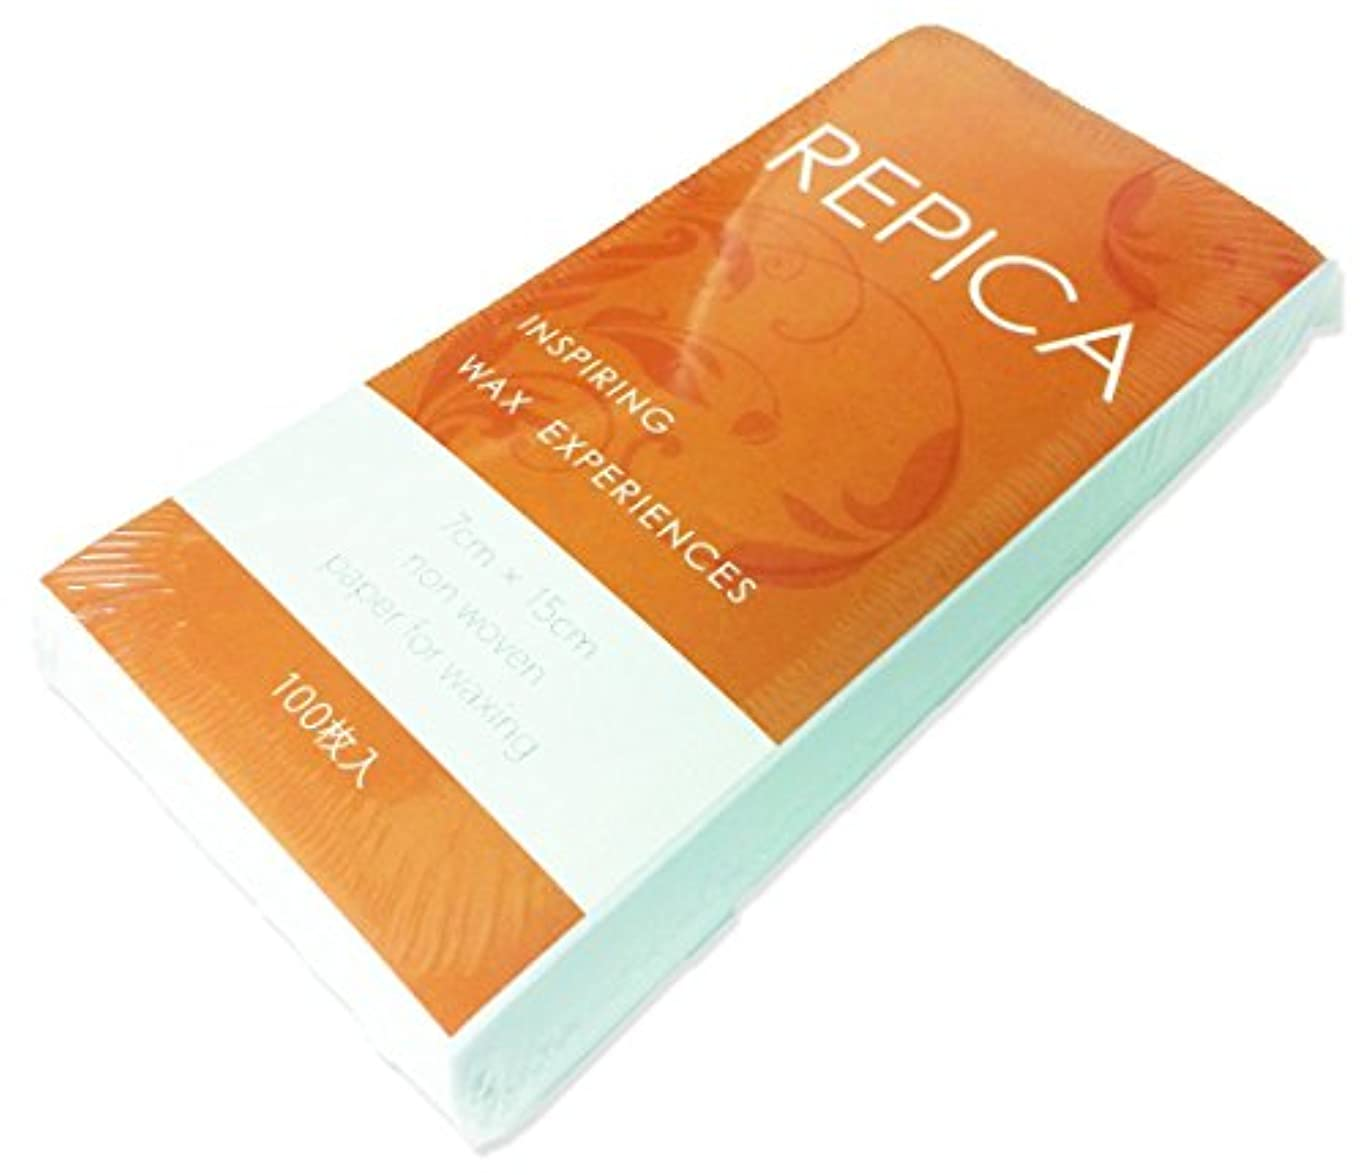 受け入れた遮る宿題REPICA ブラジリアンワックス脱毛 カットペーパー Mサイズ100枚入り×10個セット ワックス脱毛 ワックスシート ストリップシート